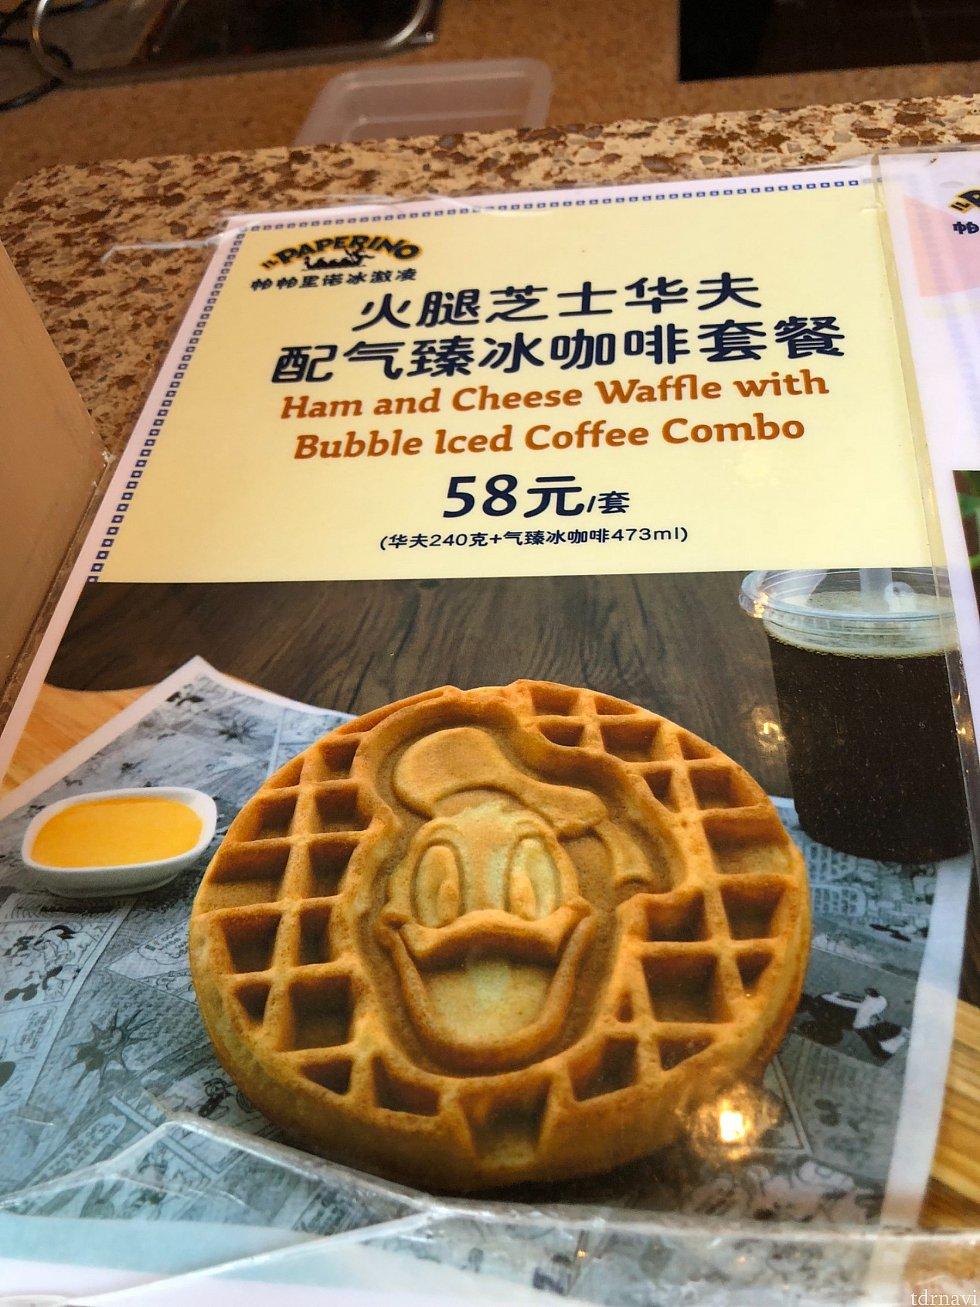 ハムチーズワッフルとコーヒーのセット! 待望のしょっぱい系&コーヒー!!